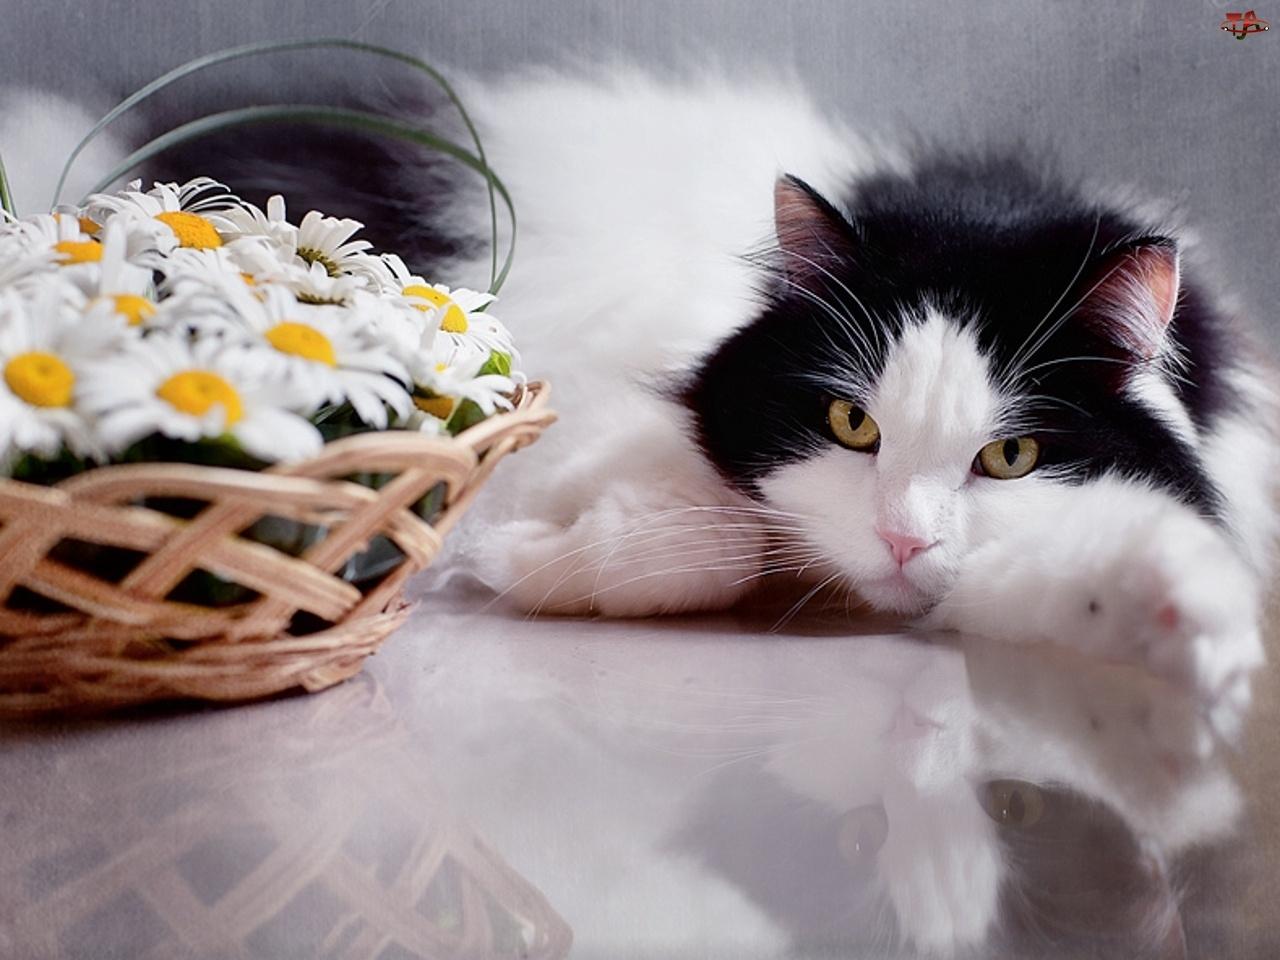 Romantyczny, Koszyk, Kotek, Kwiaty